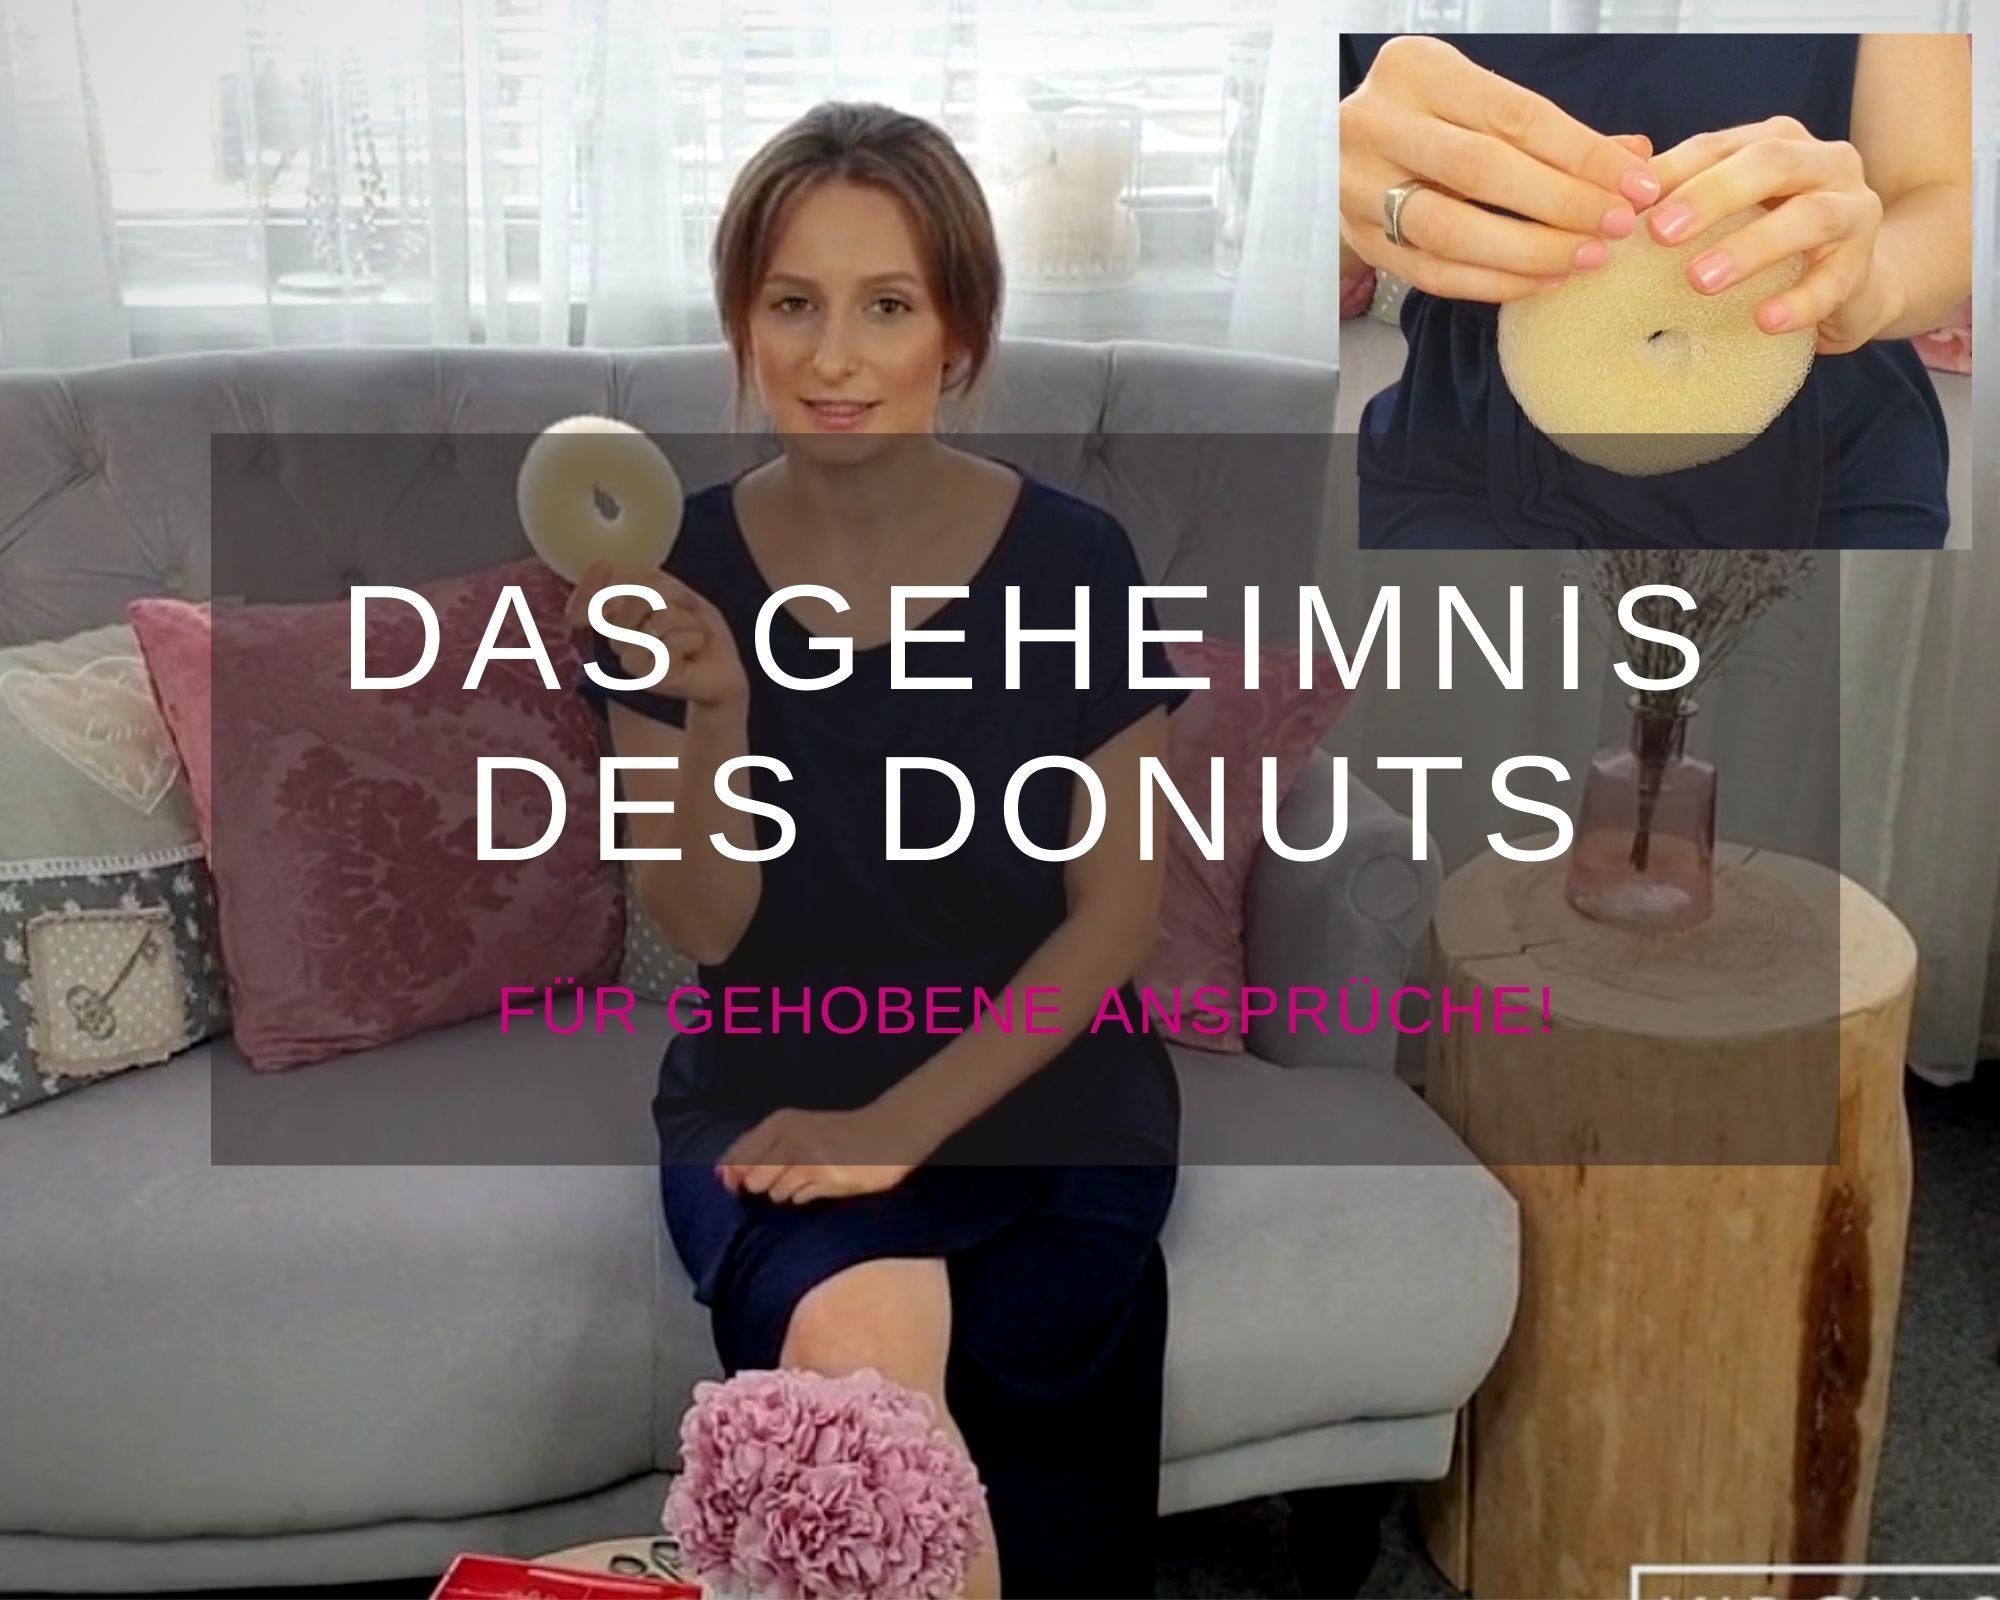 das gehiemnis des donuts_kirchstyle